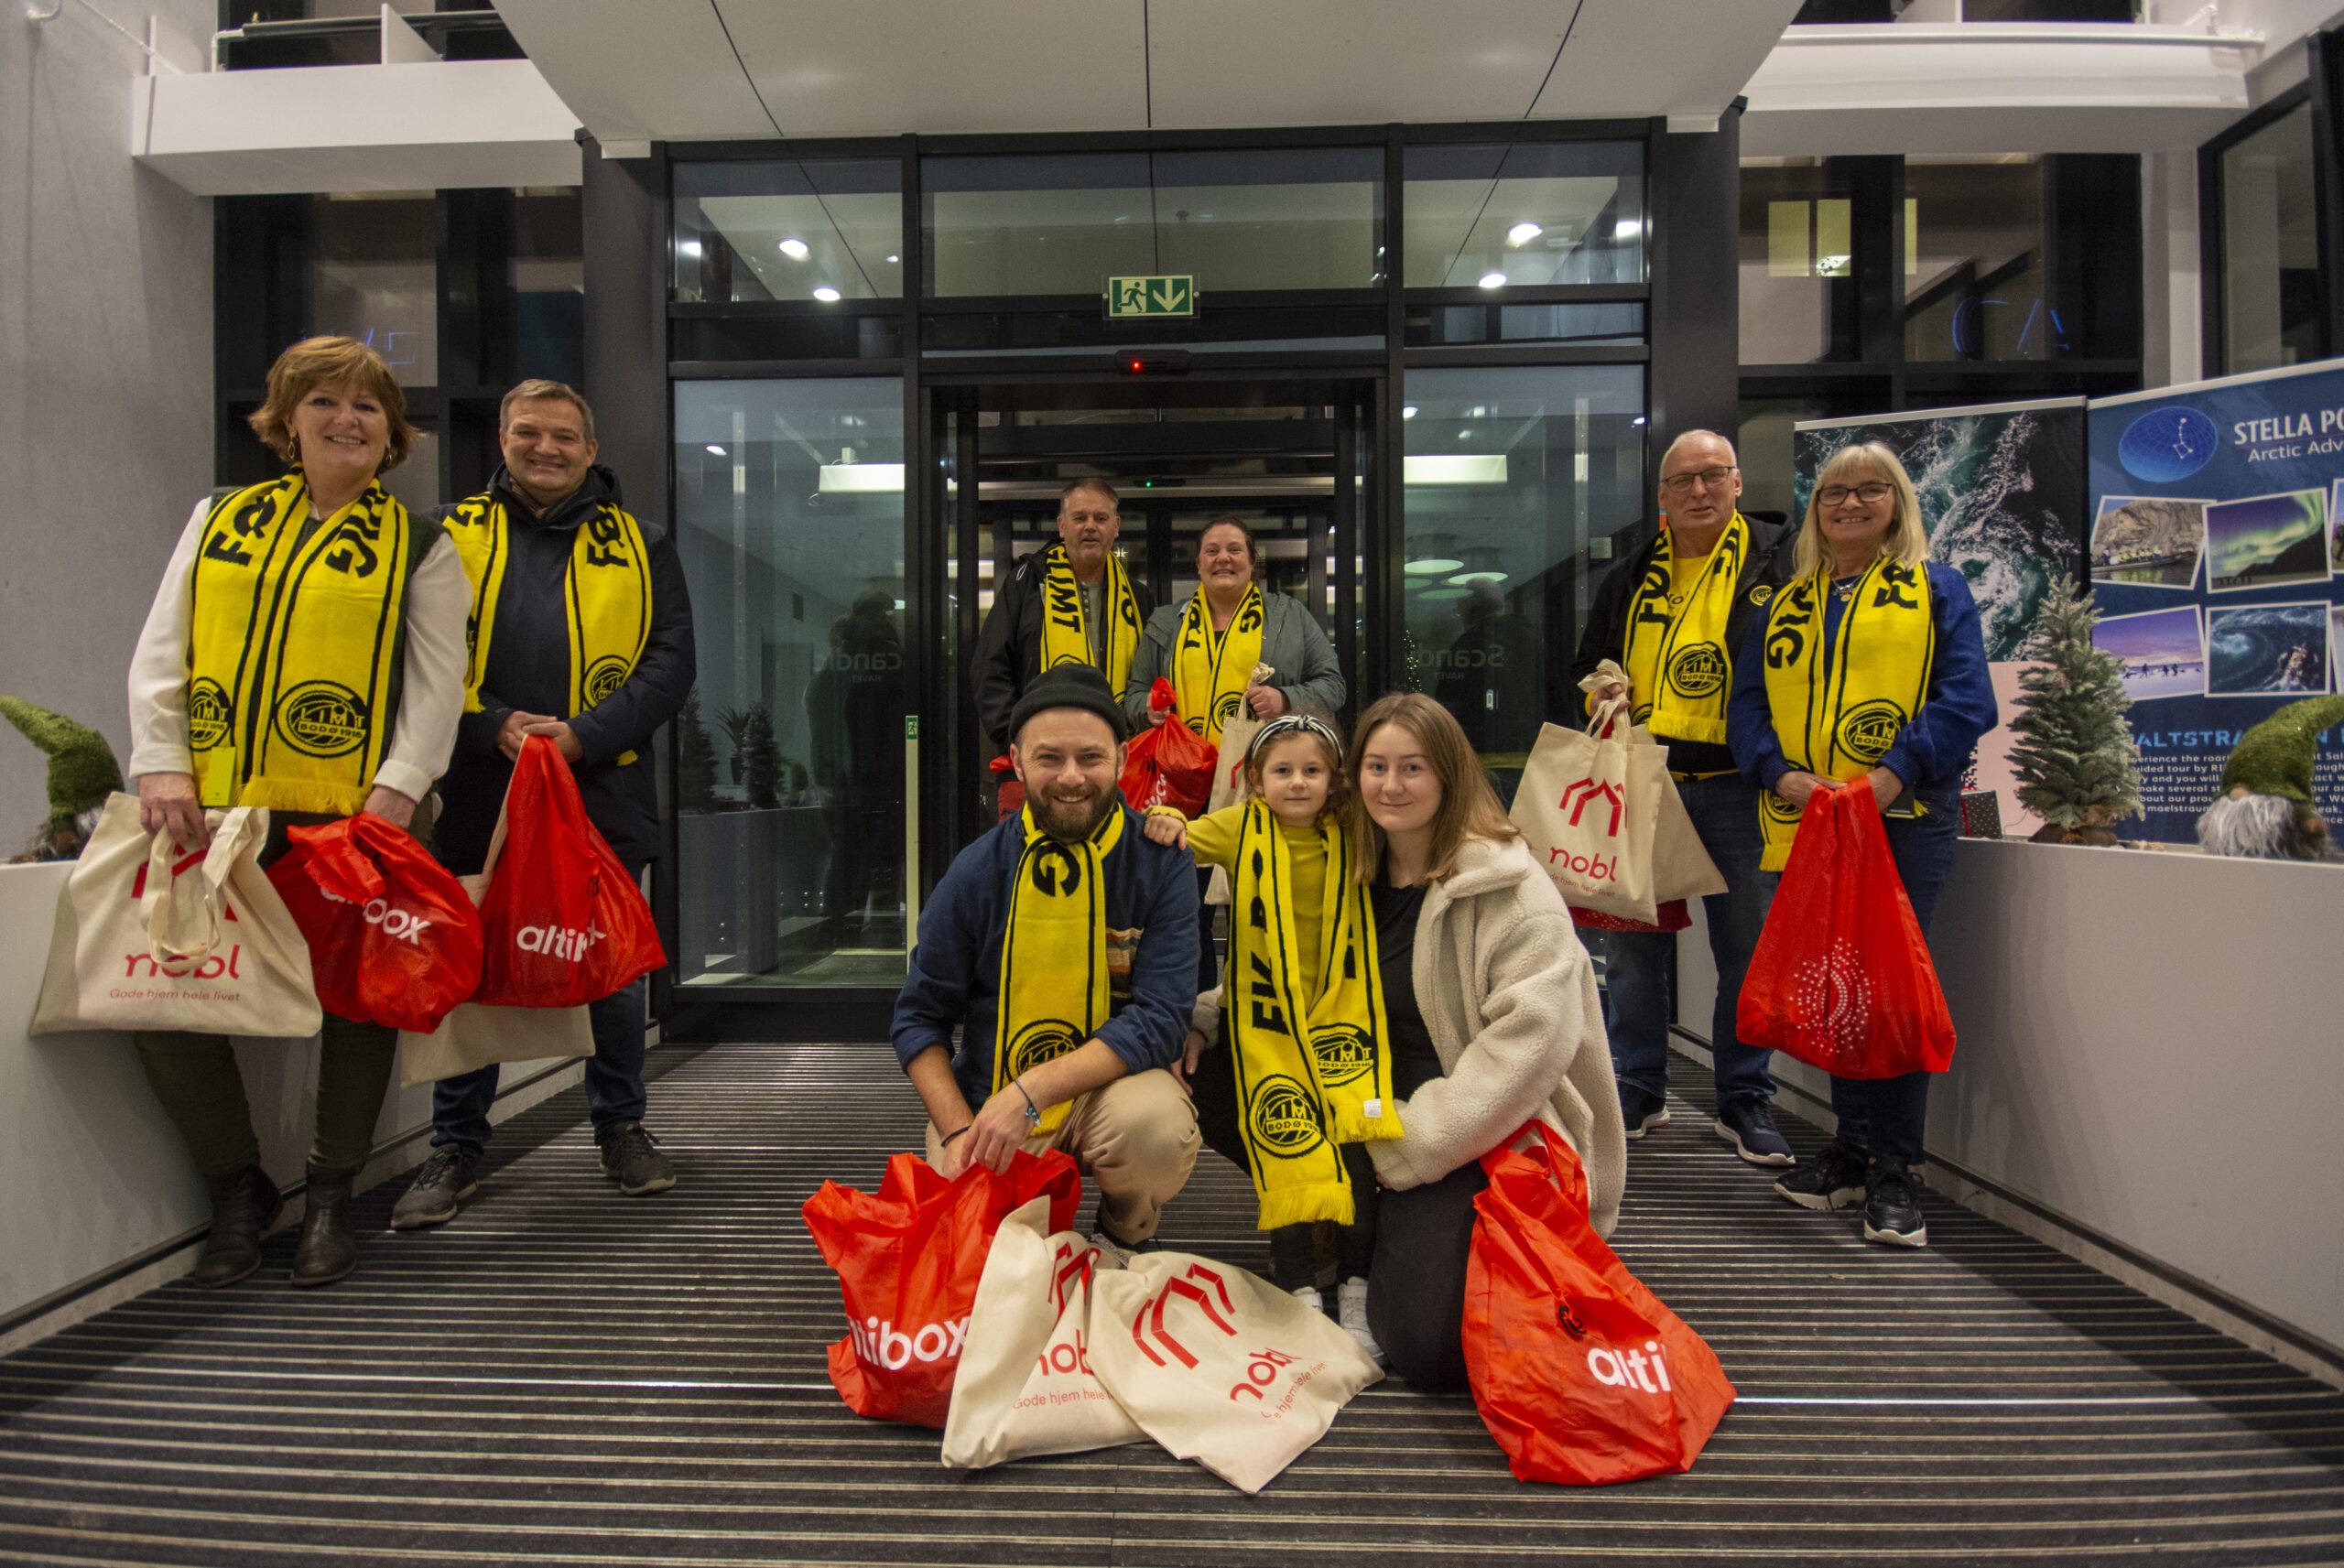 Åtte heldige Bodø/Glimt fans vant glimtbilletter og fikk med seg storoppgjør mot Rosenborg på Aspmyra